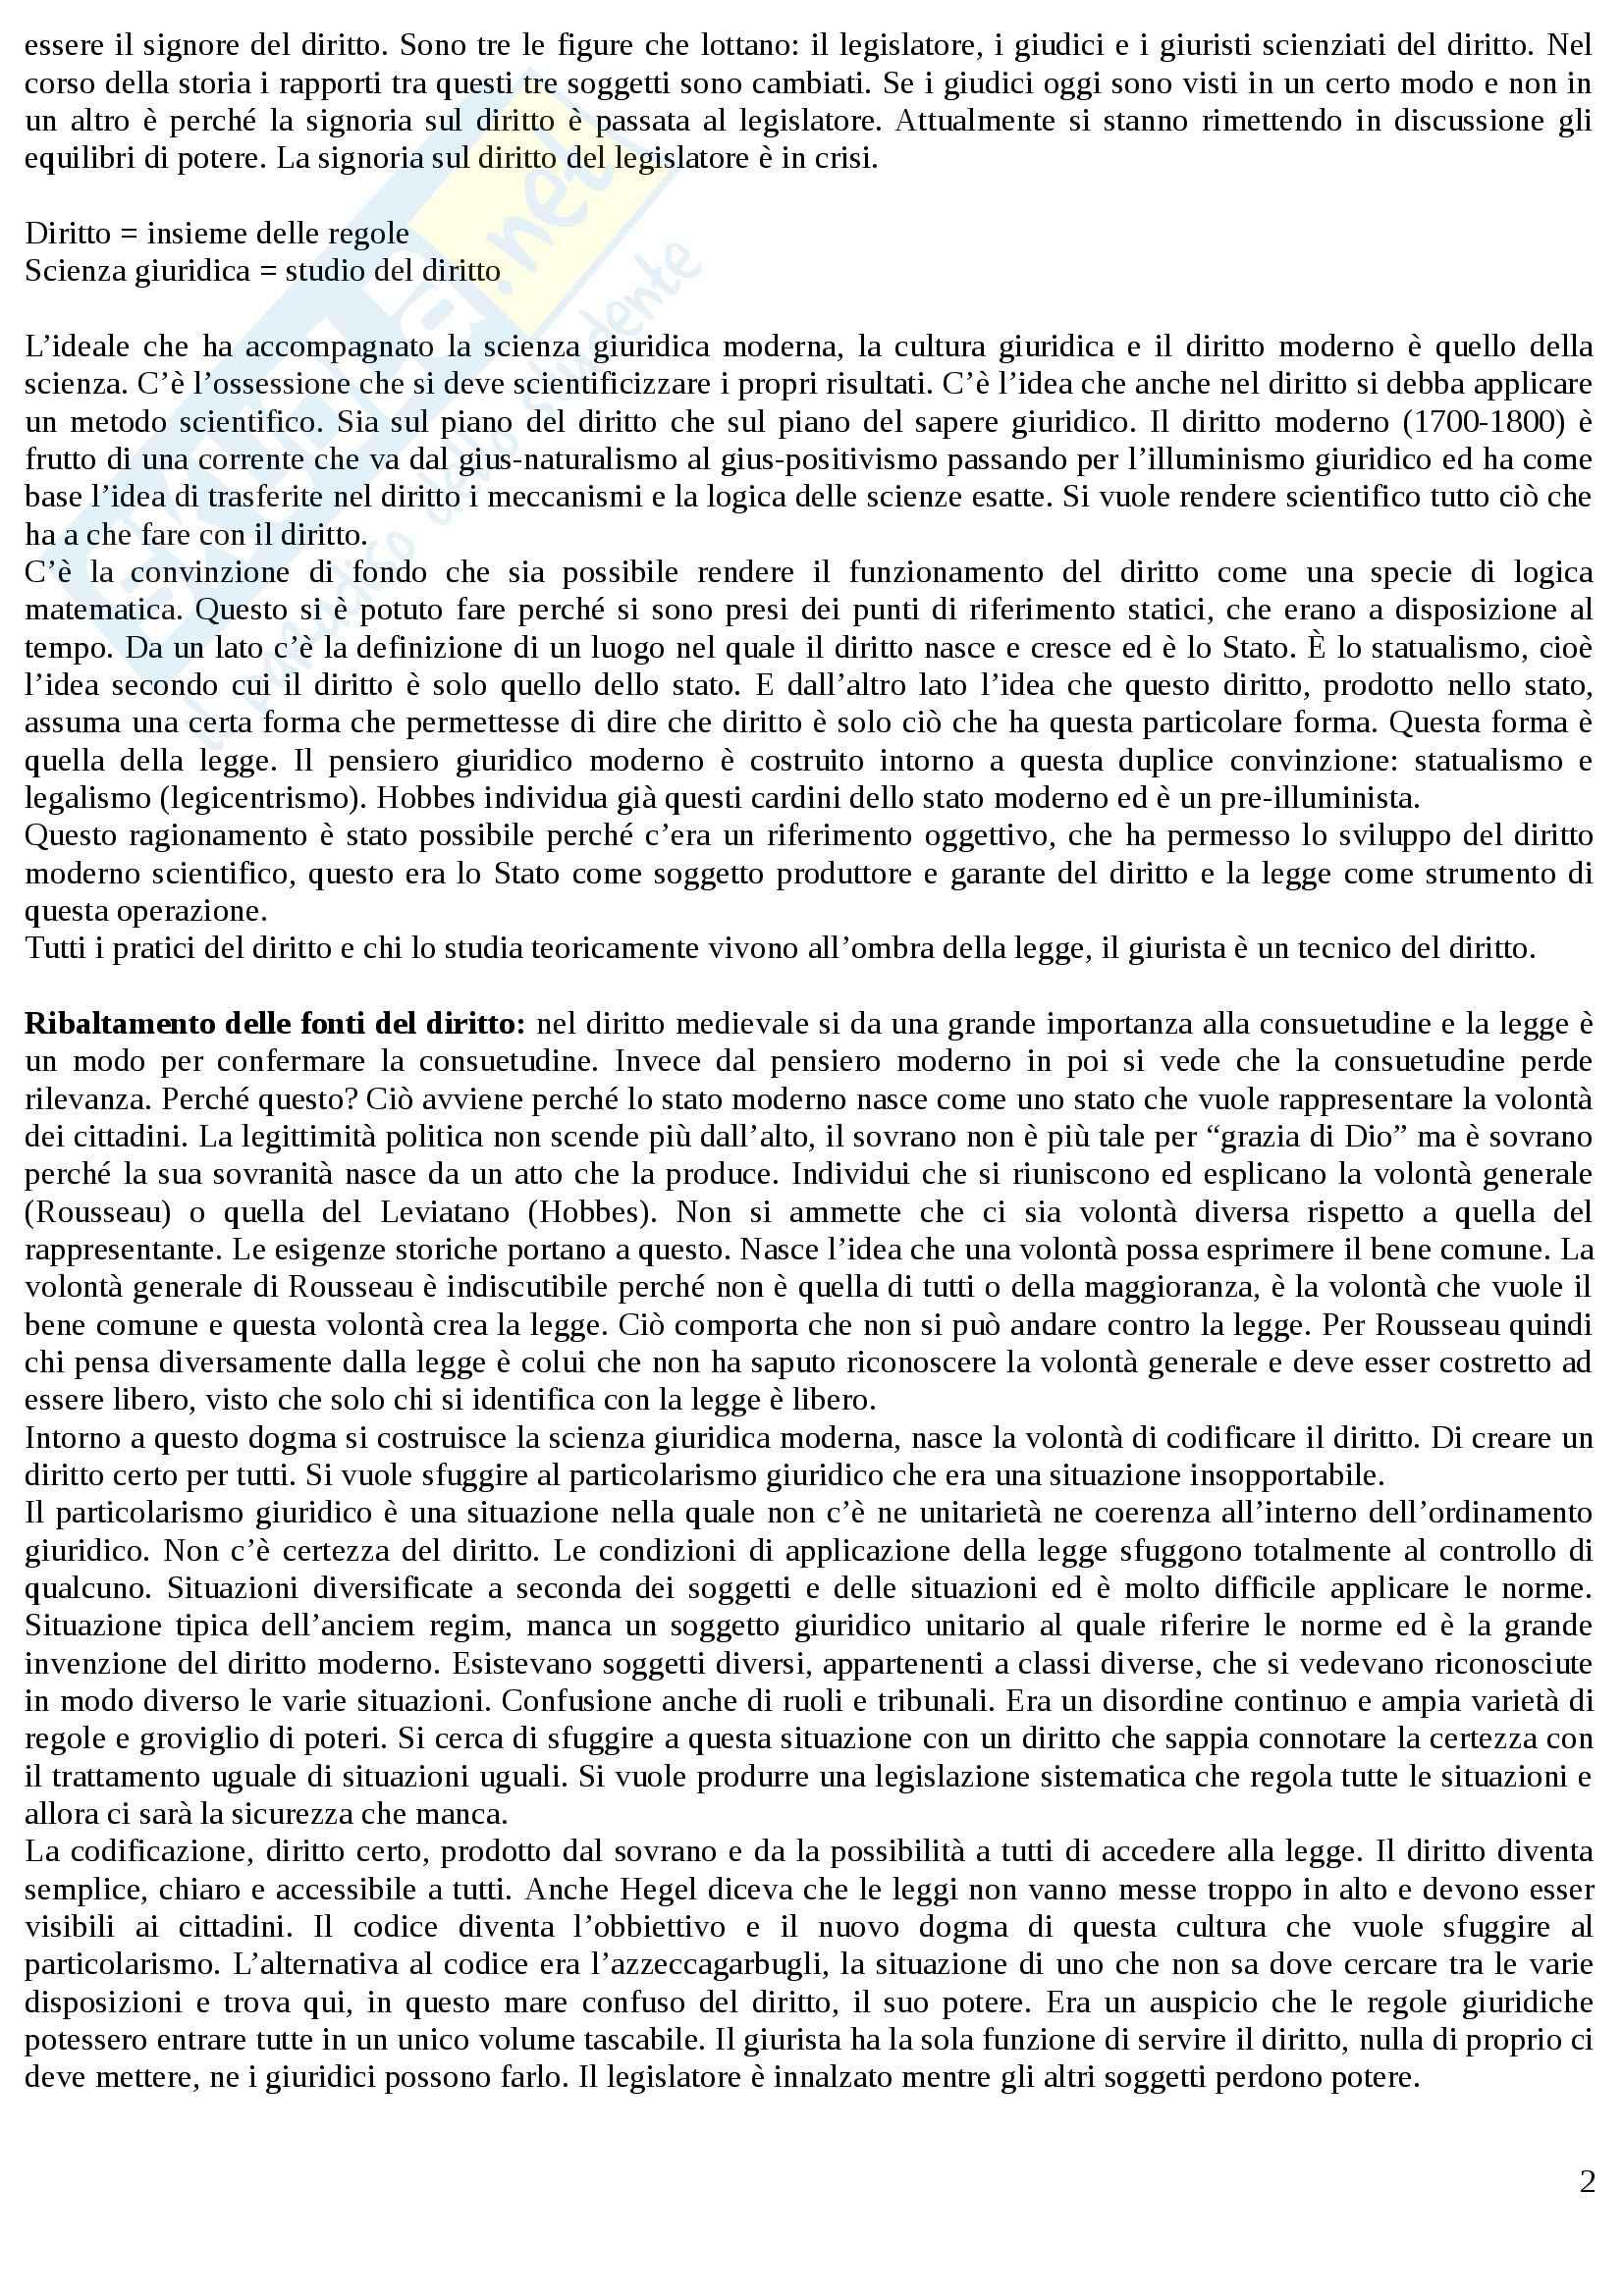 Logica e argomentazione giuridica - Appunti Pag. 2